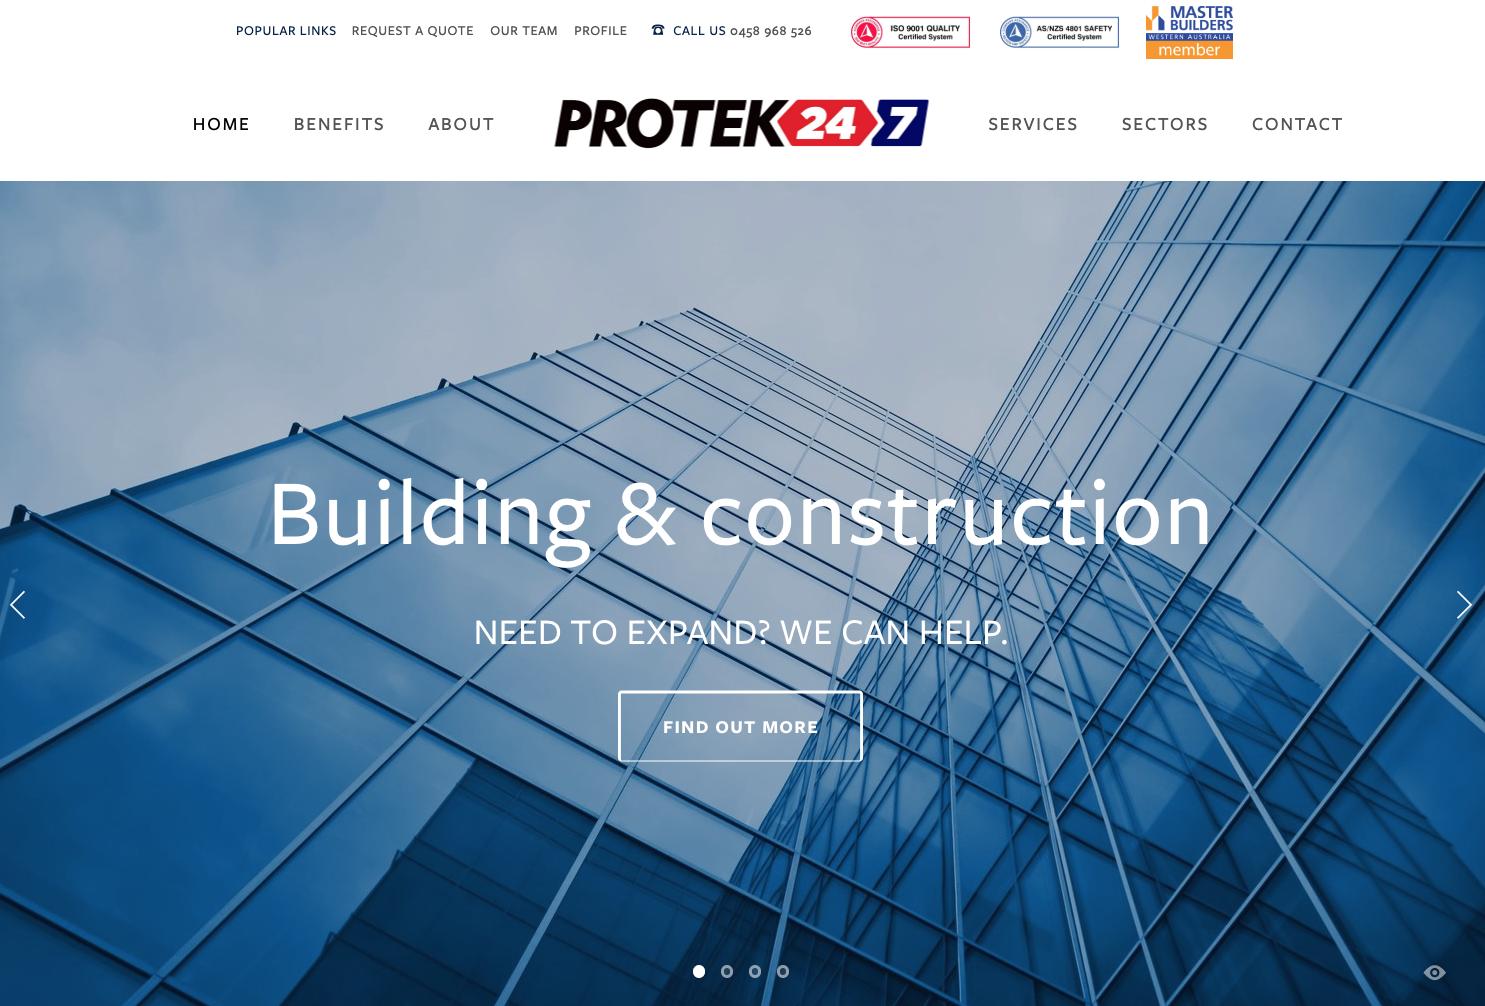 Protek 247 slide 2.png